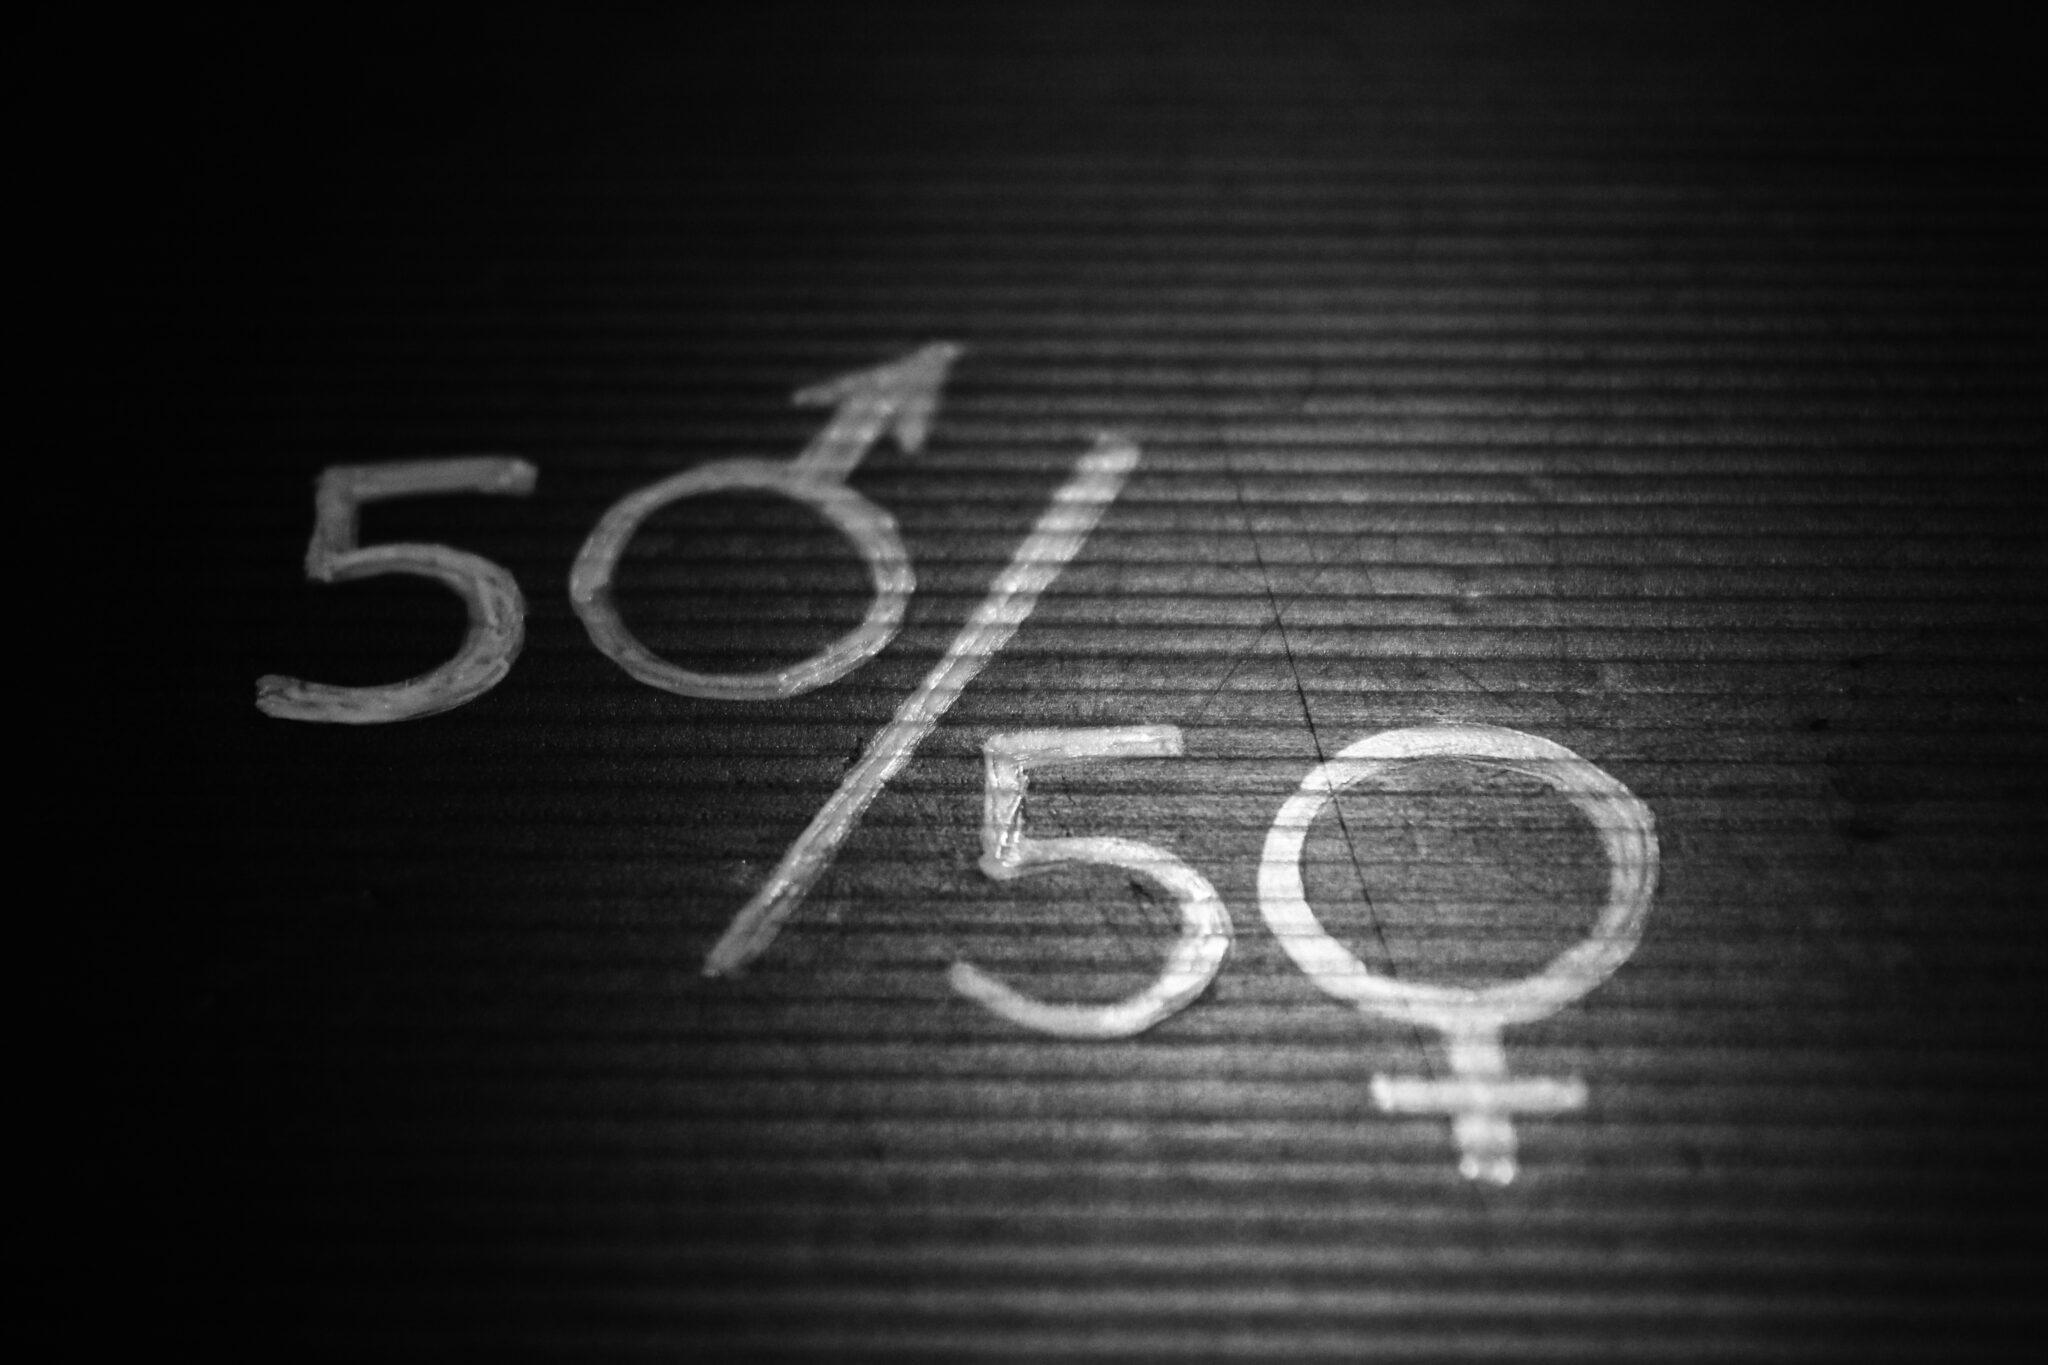 50/50 mit weiss auf dunkles Holz geschrieben. Die 0 ist jeweils das Symbol für männlich und weiblich